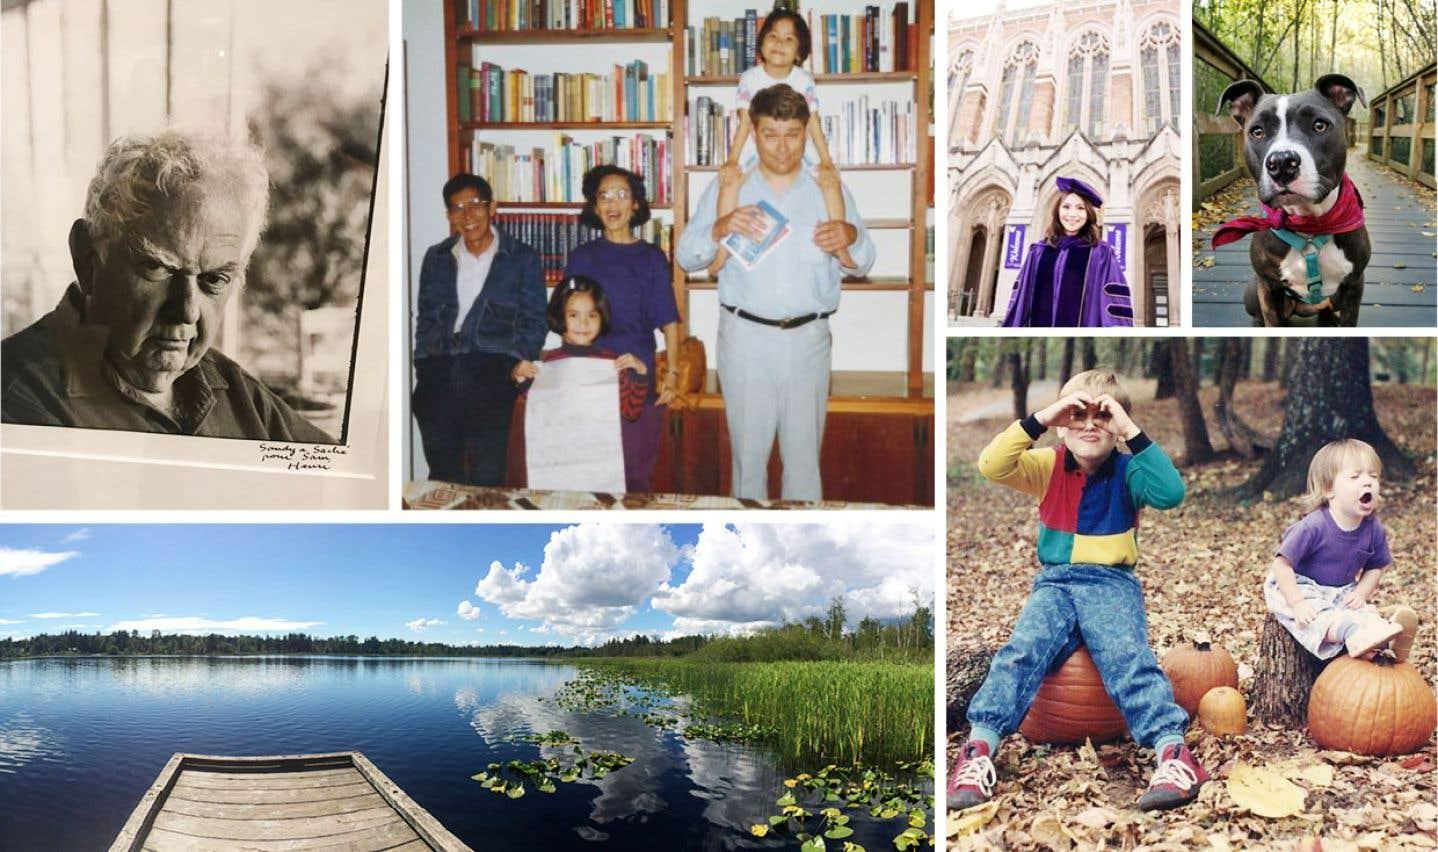 Quelques-unes des photos envoyées au #MemoriesInDNA Project.